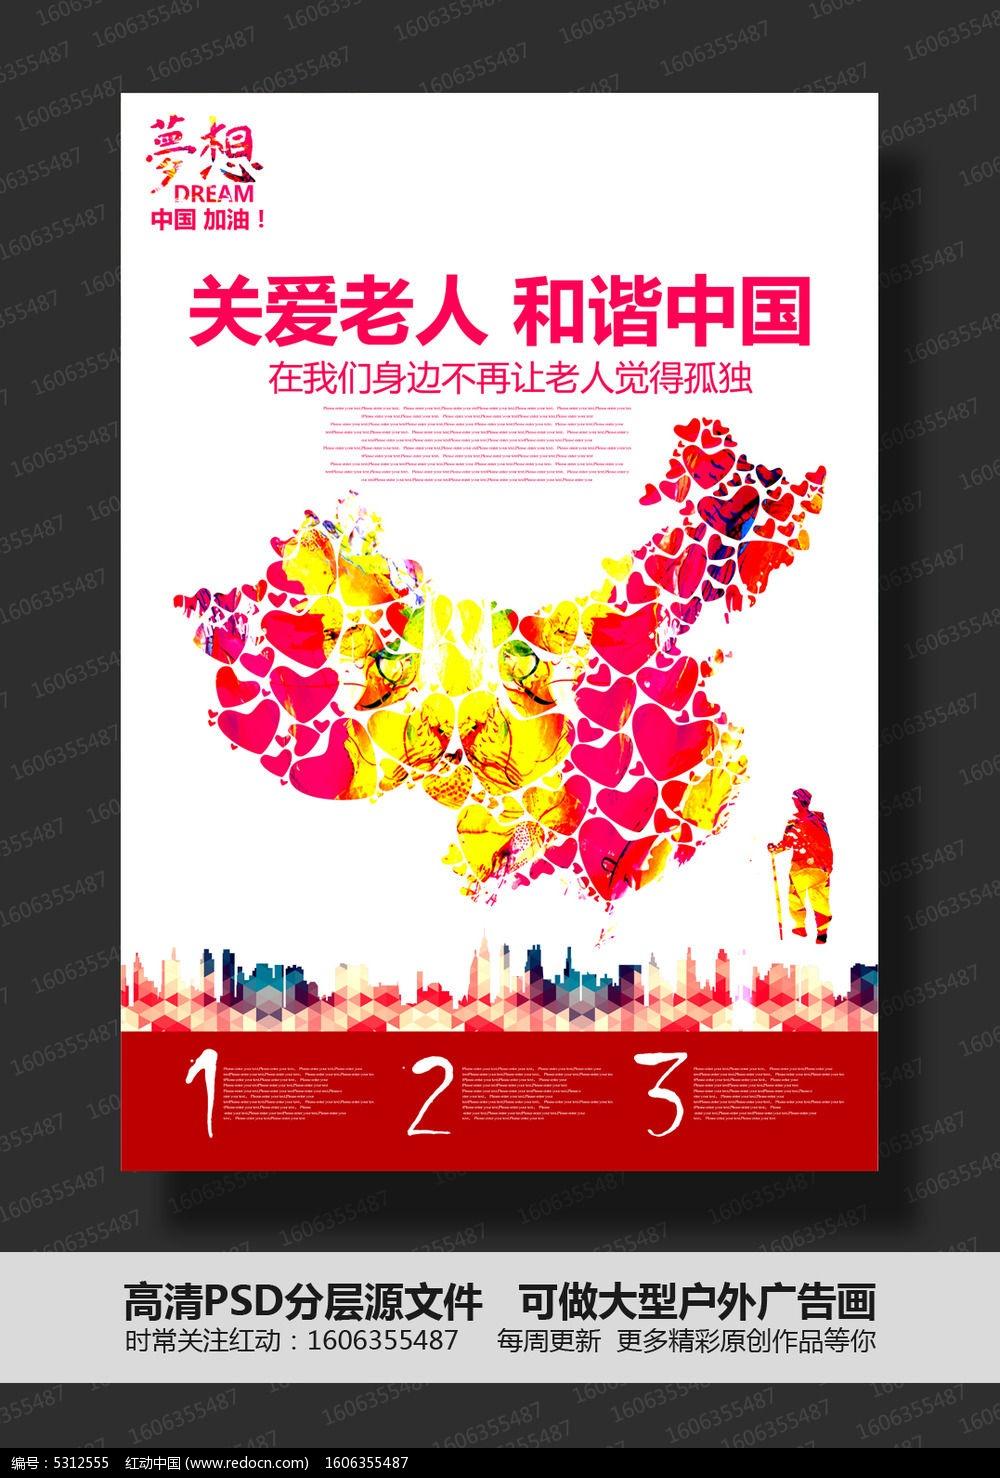 炫彩创意中国关爱老人海报设计PSD素材下载 编号5312555 红动网图片